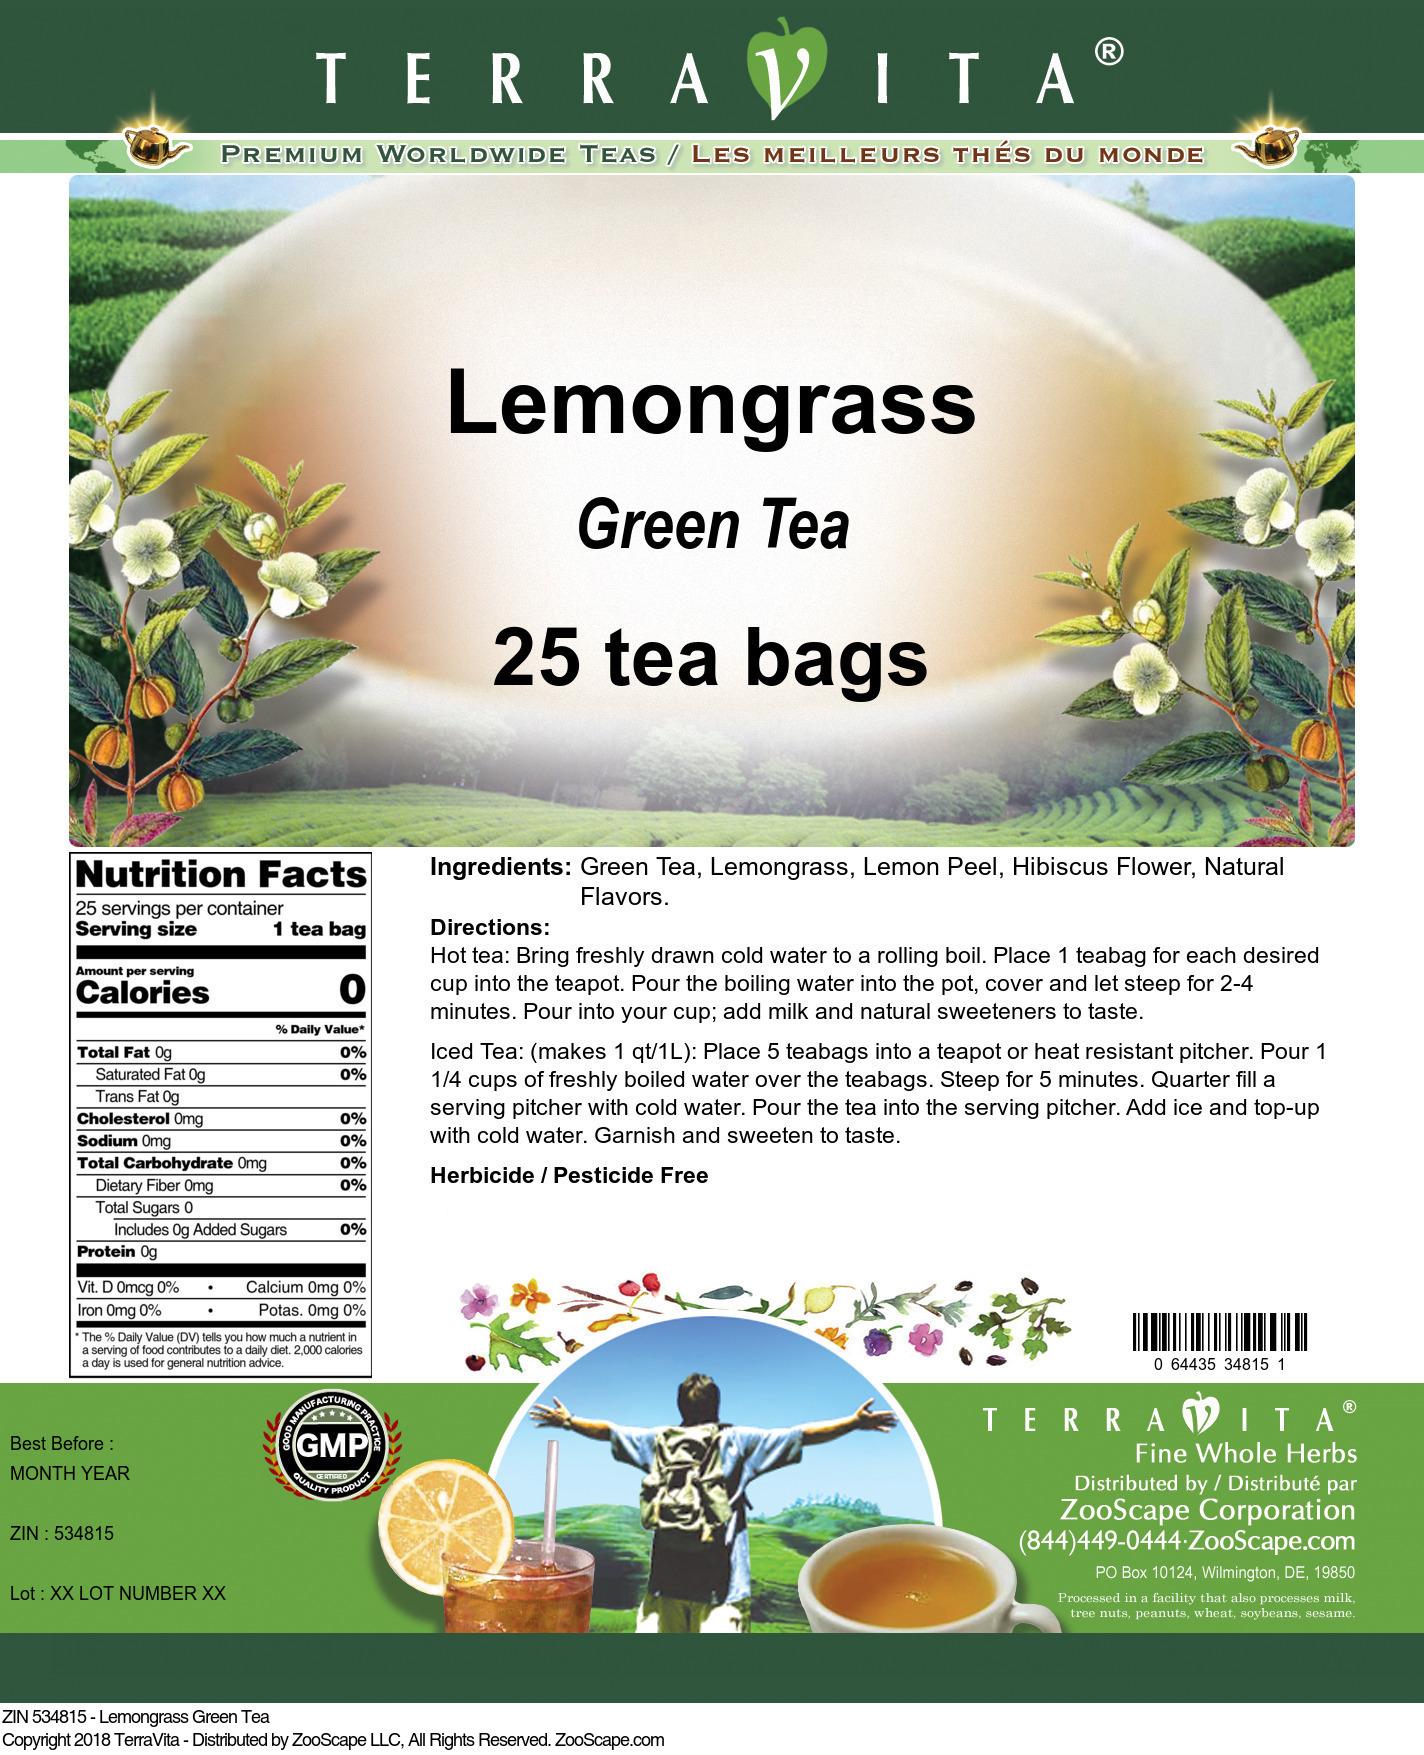 Lemongrass Green Tea